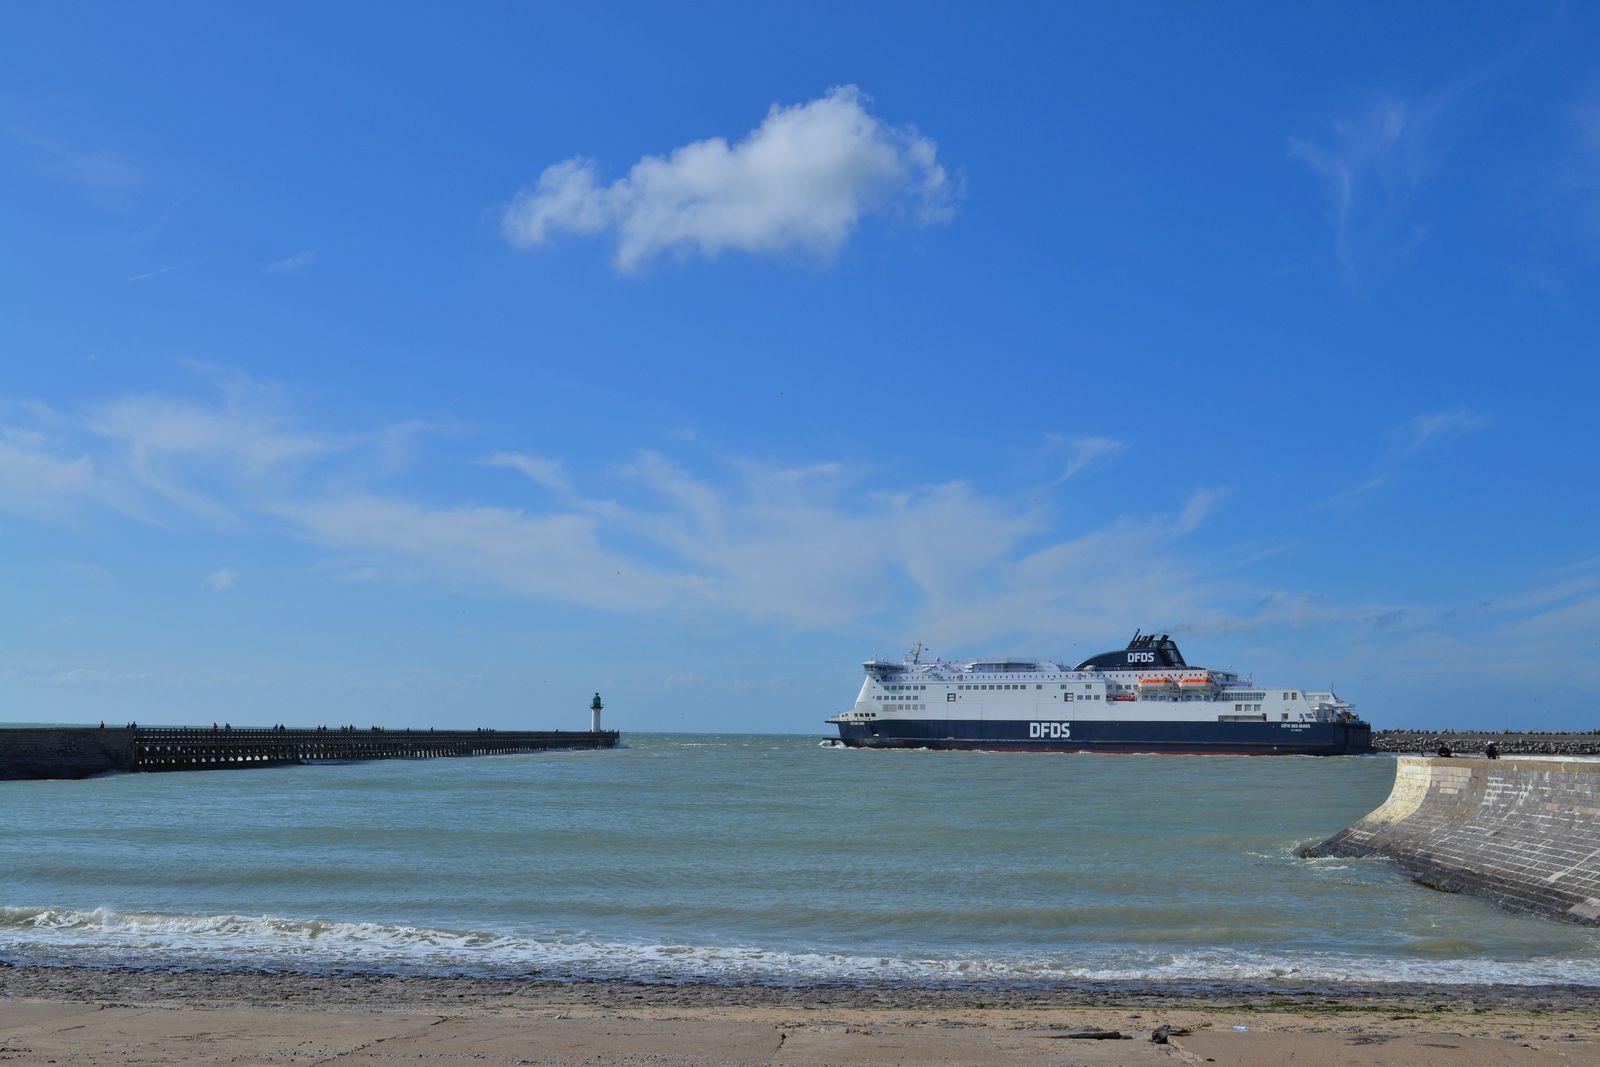 Ferry quittant le port de Calais pour rejoindre l'Angleterre...